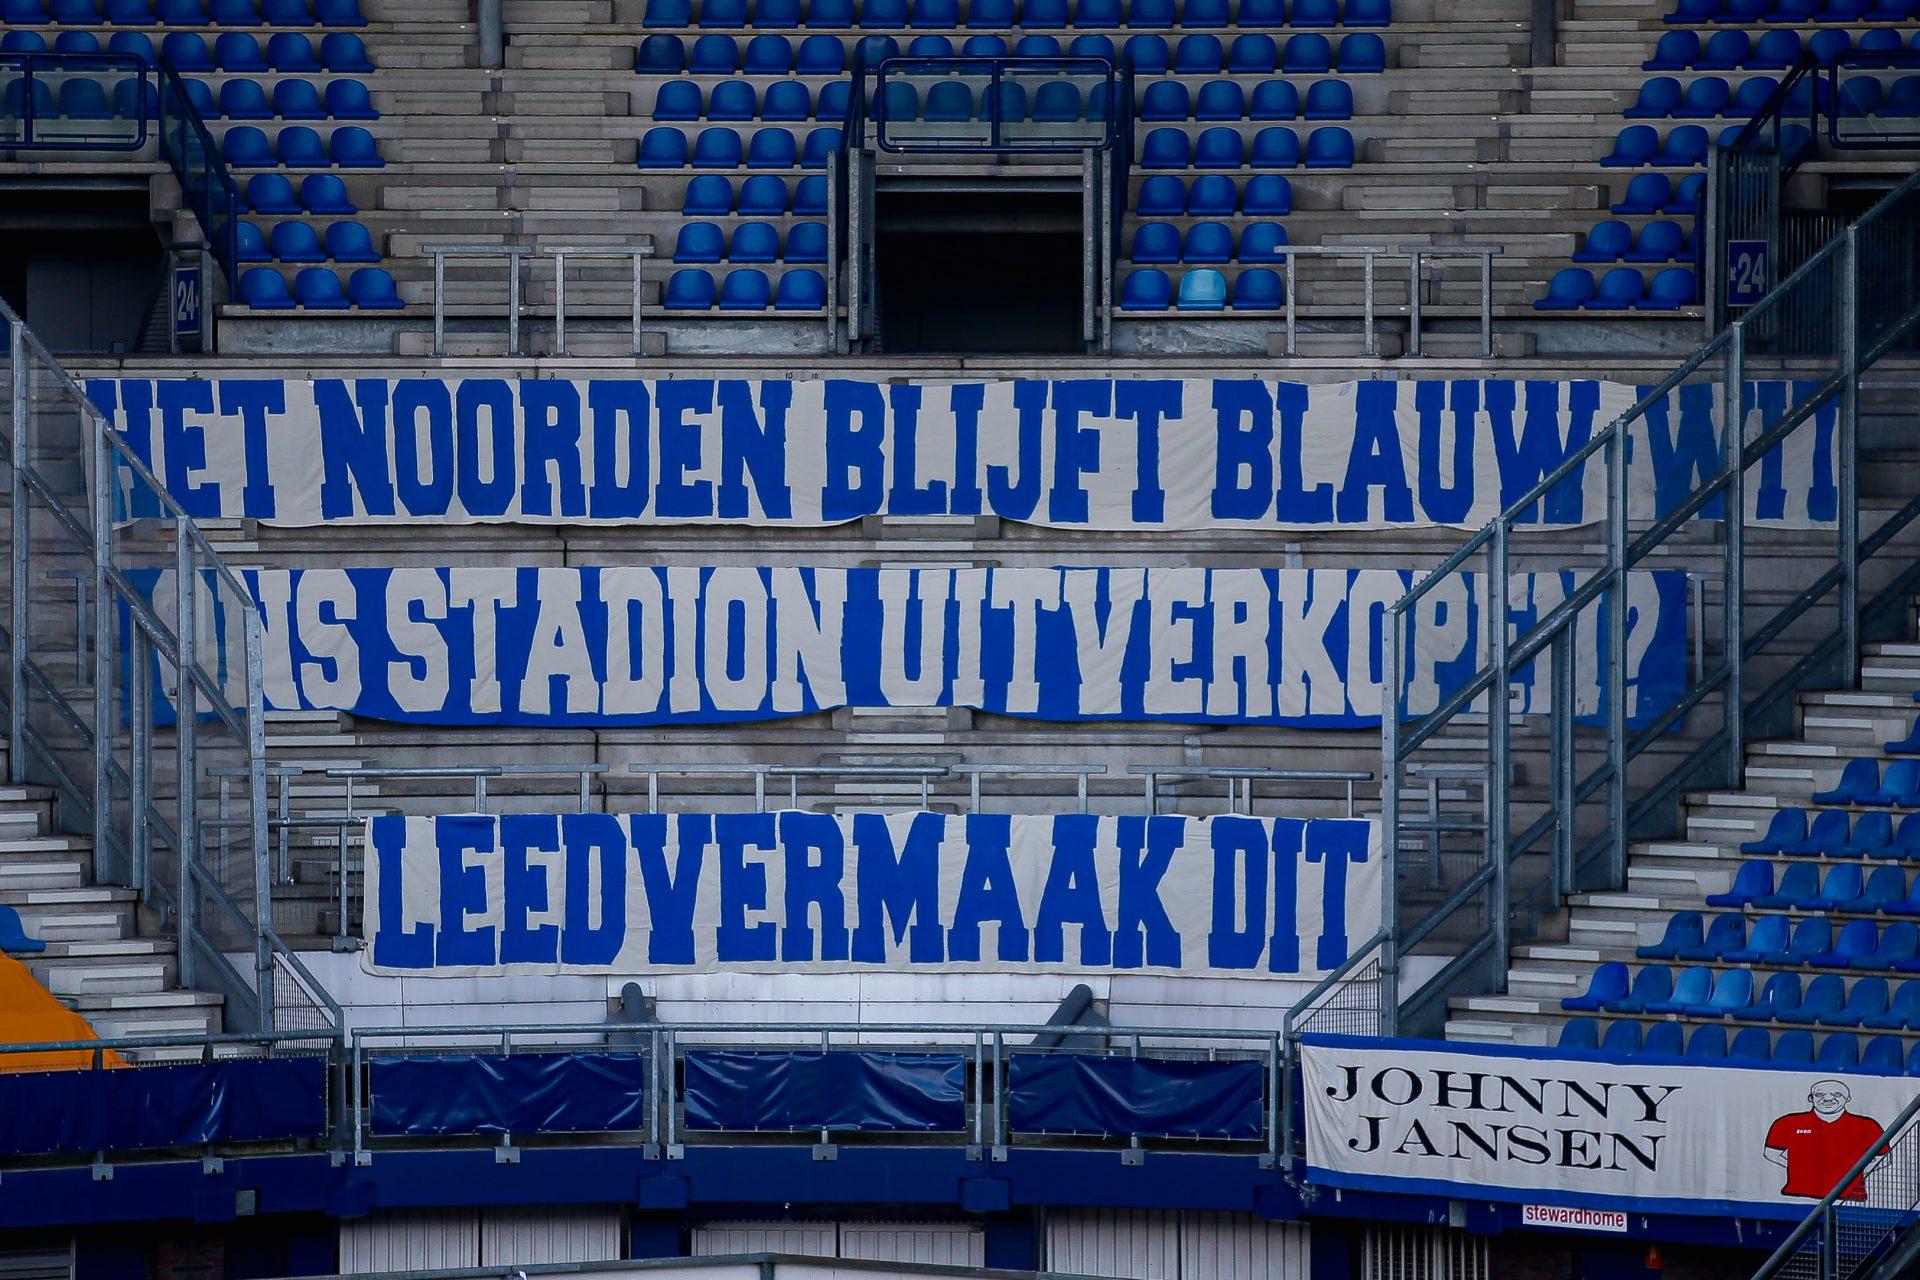 Heerenveen-fans STELEN idee van FC Groningen: 'Het was toch een kansloze actie?' - Sportnieuws.nl